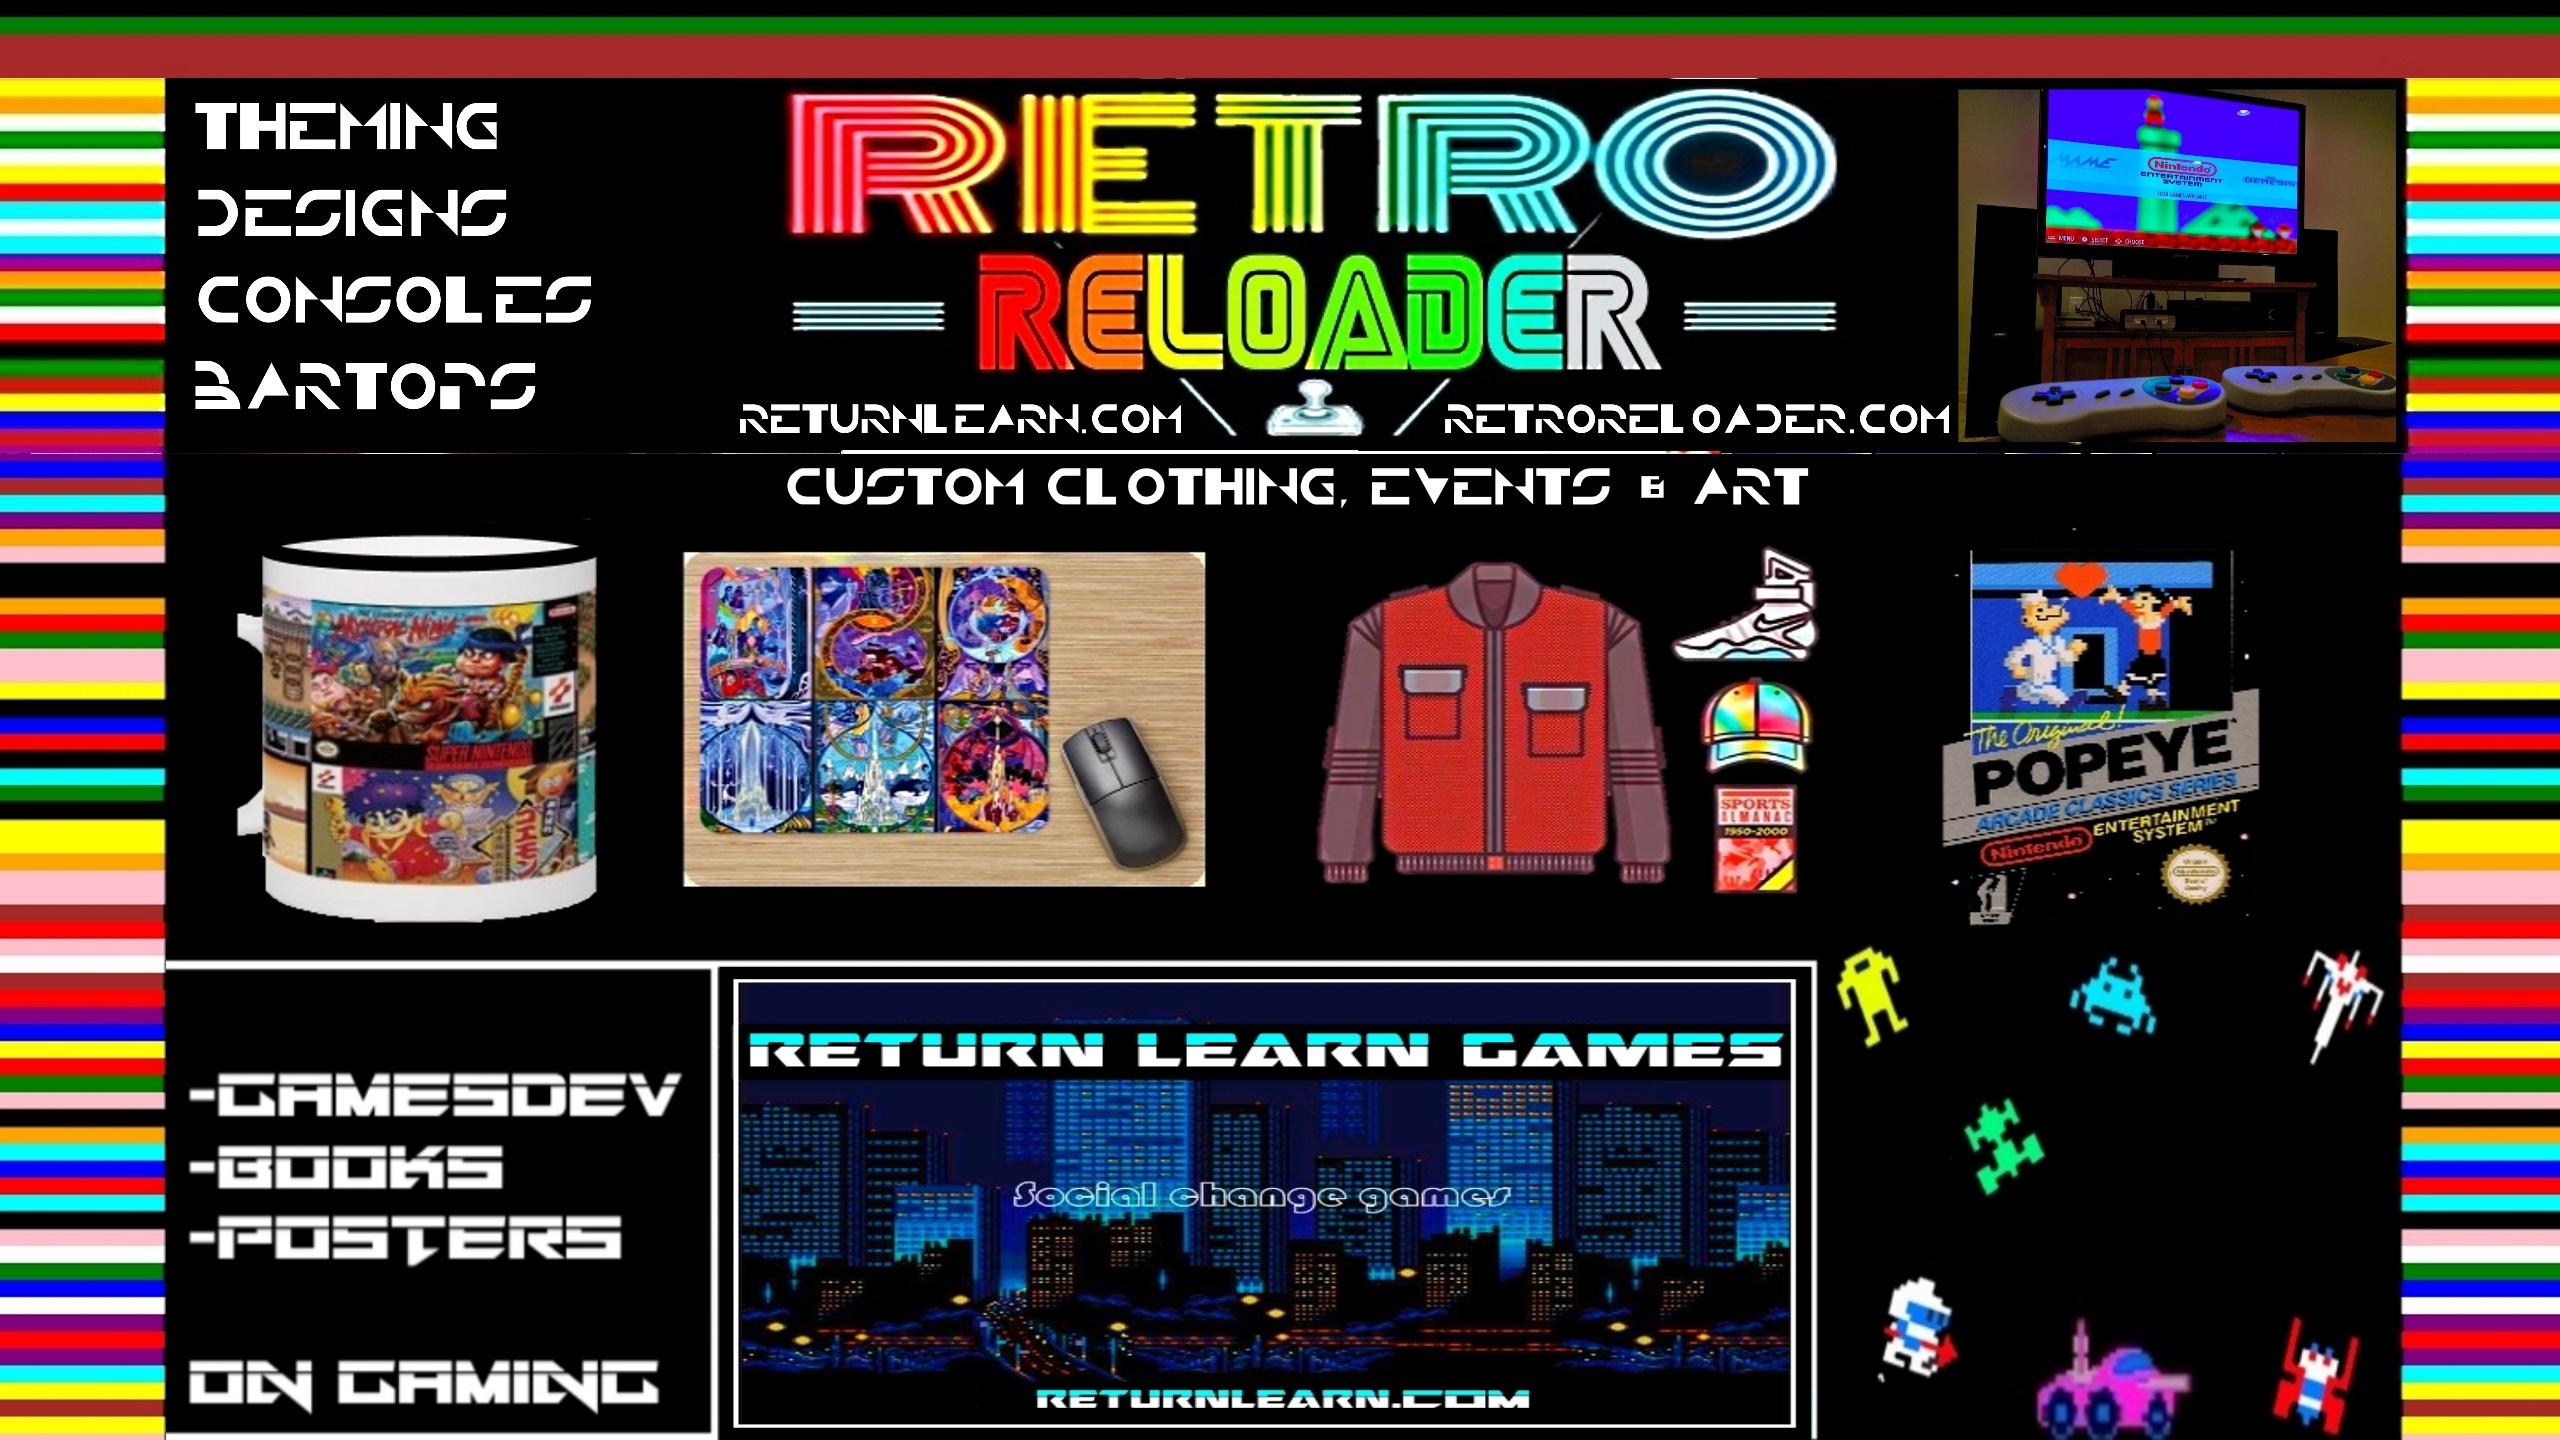 jh-retro reloader-returnlearn banner